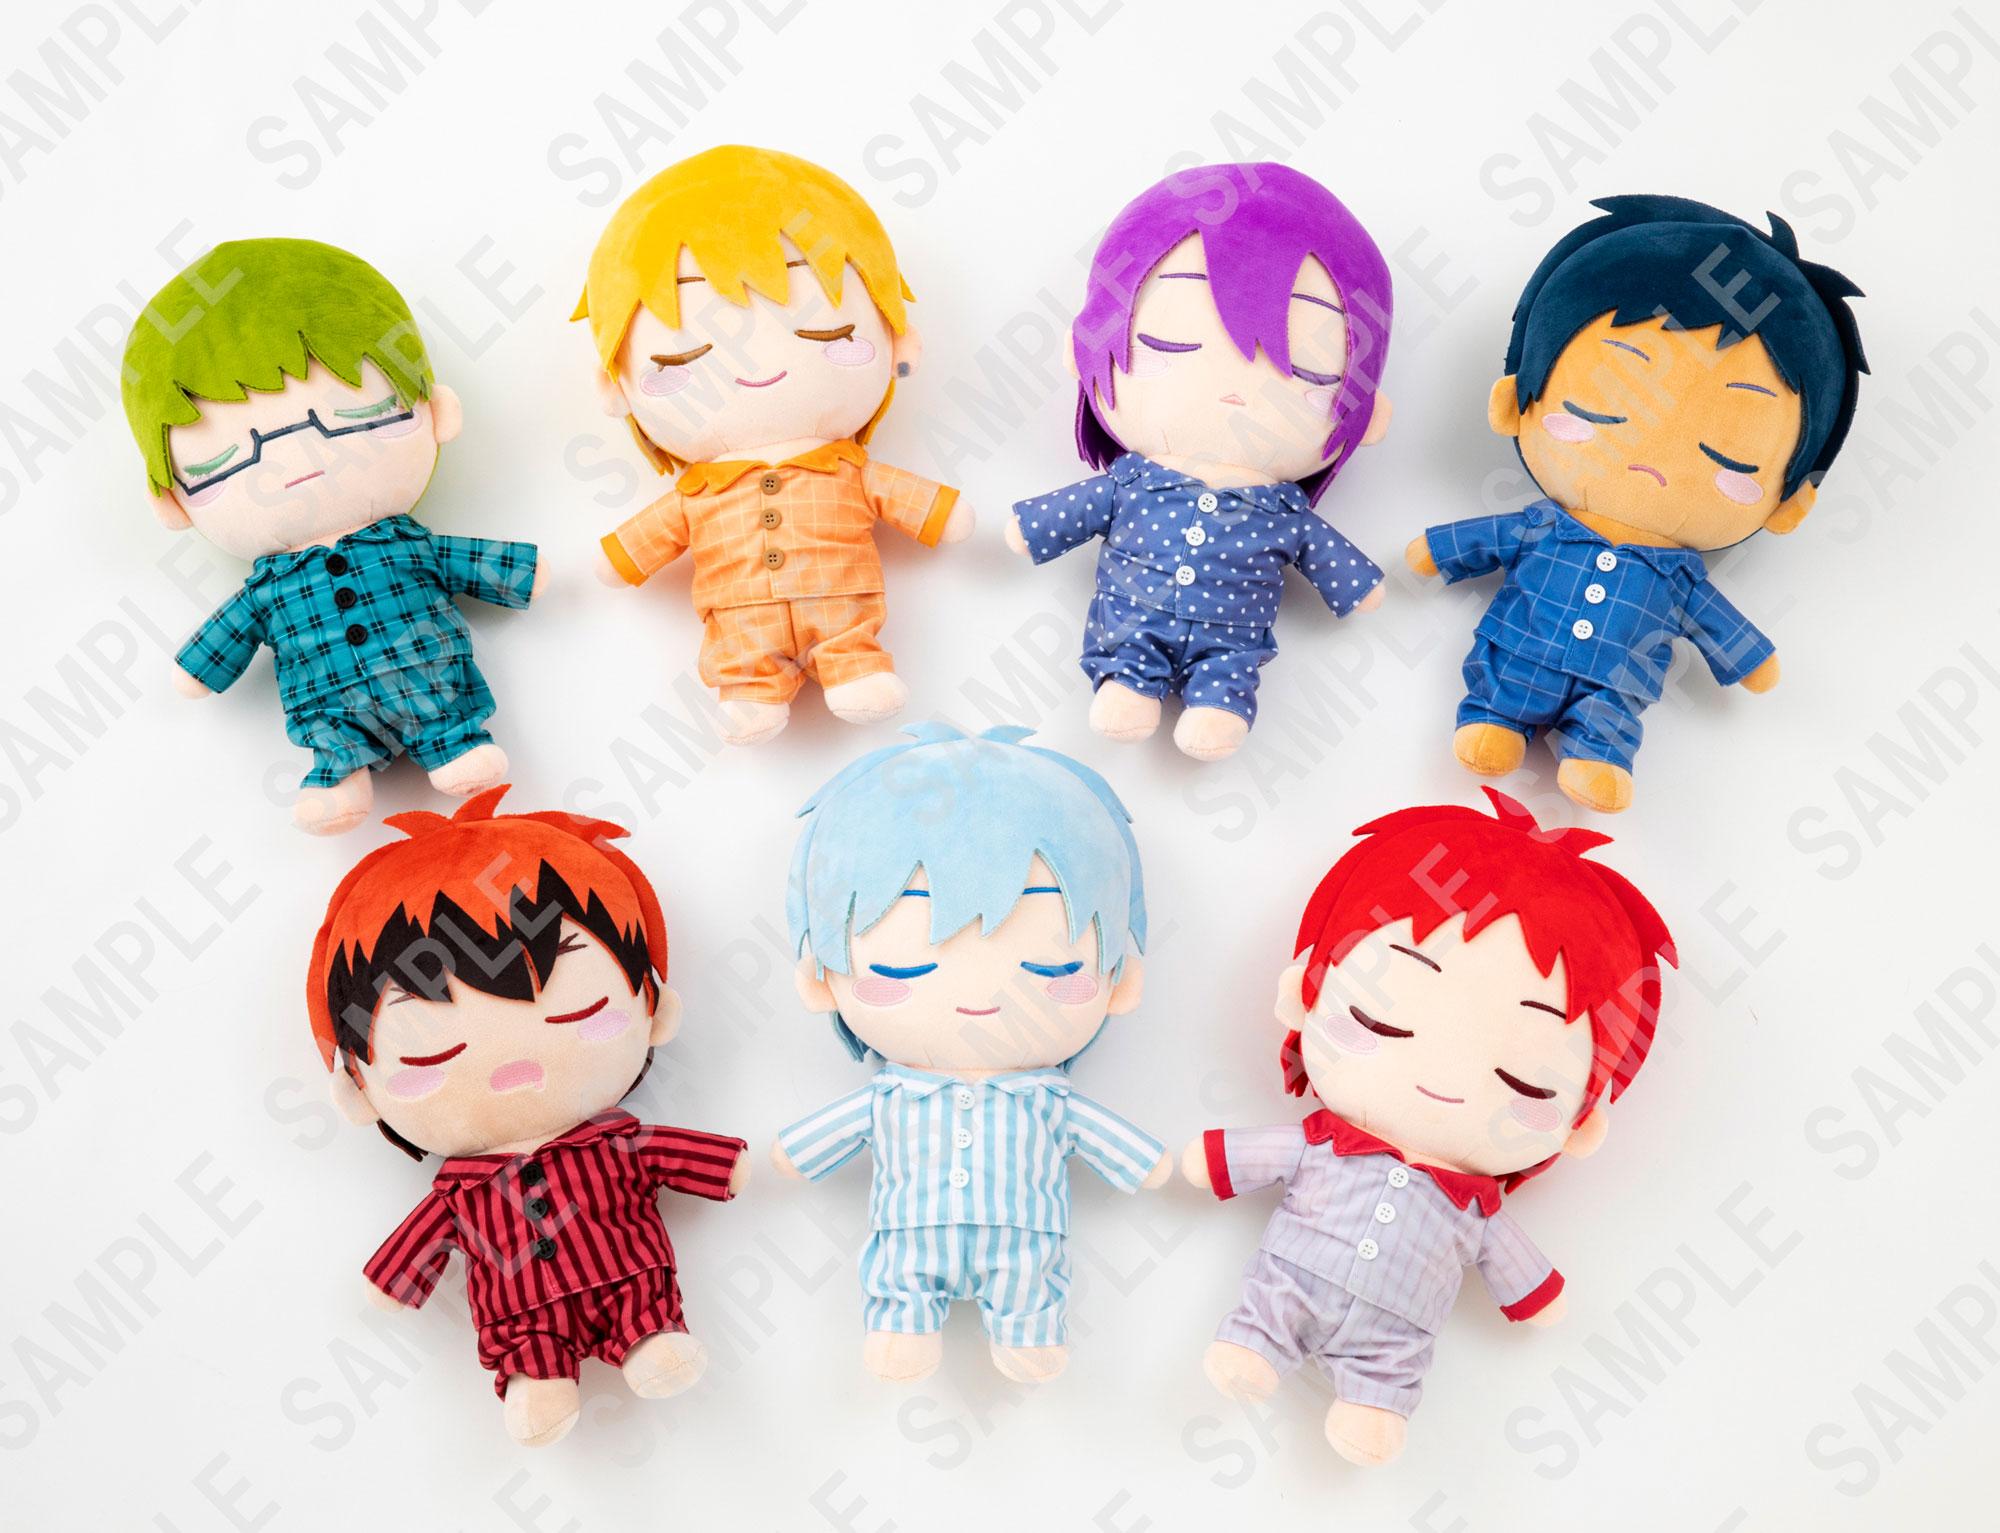 「黒子のバスケ」すやすやと眠る表情がキュートな「おやすみどーる」登場!パジャマを着たキセキの世代たちが大集合